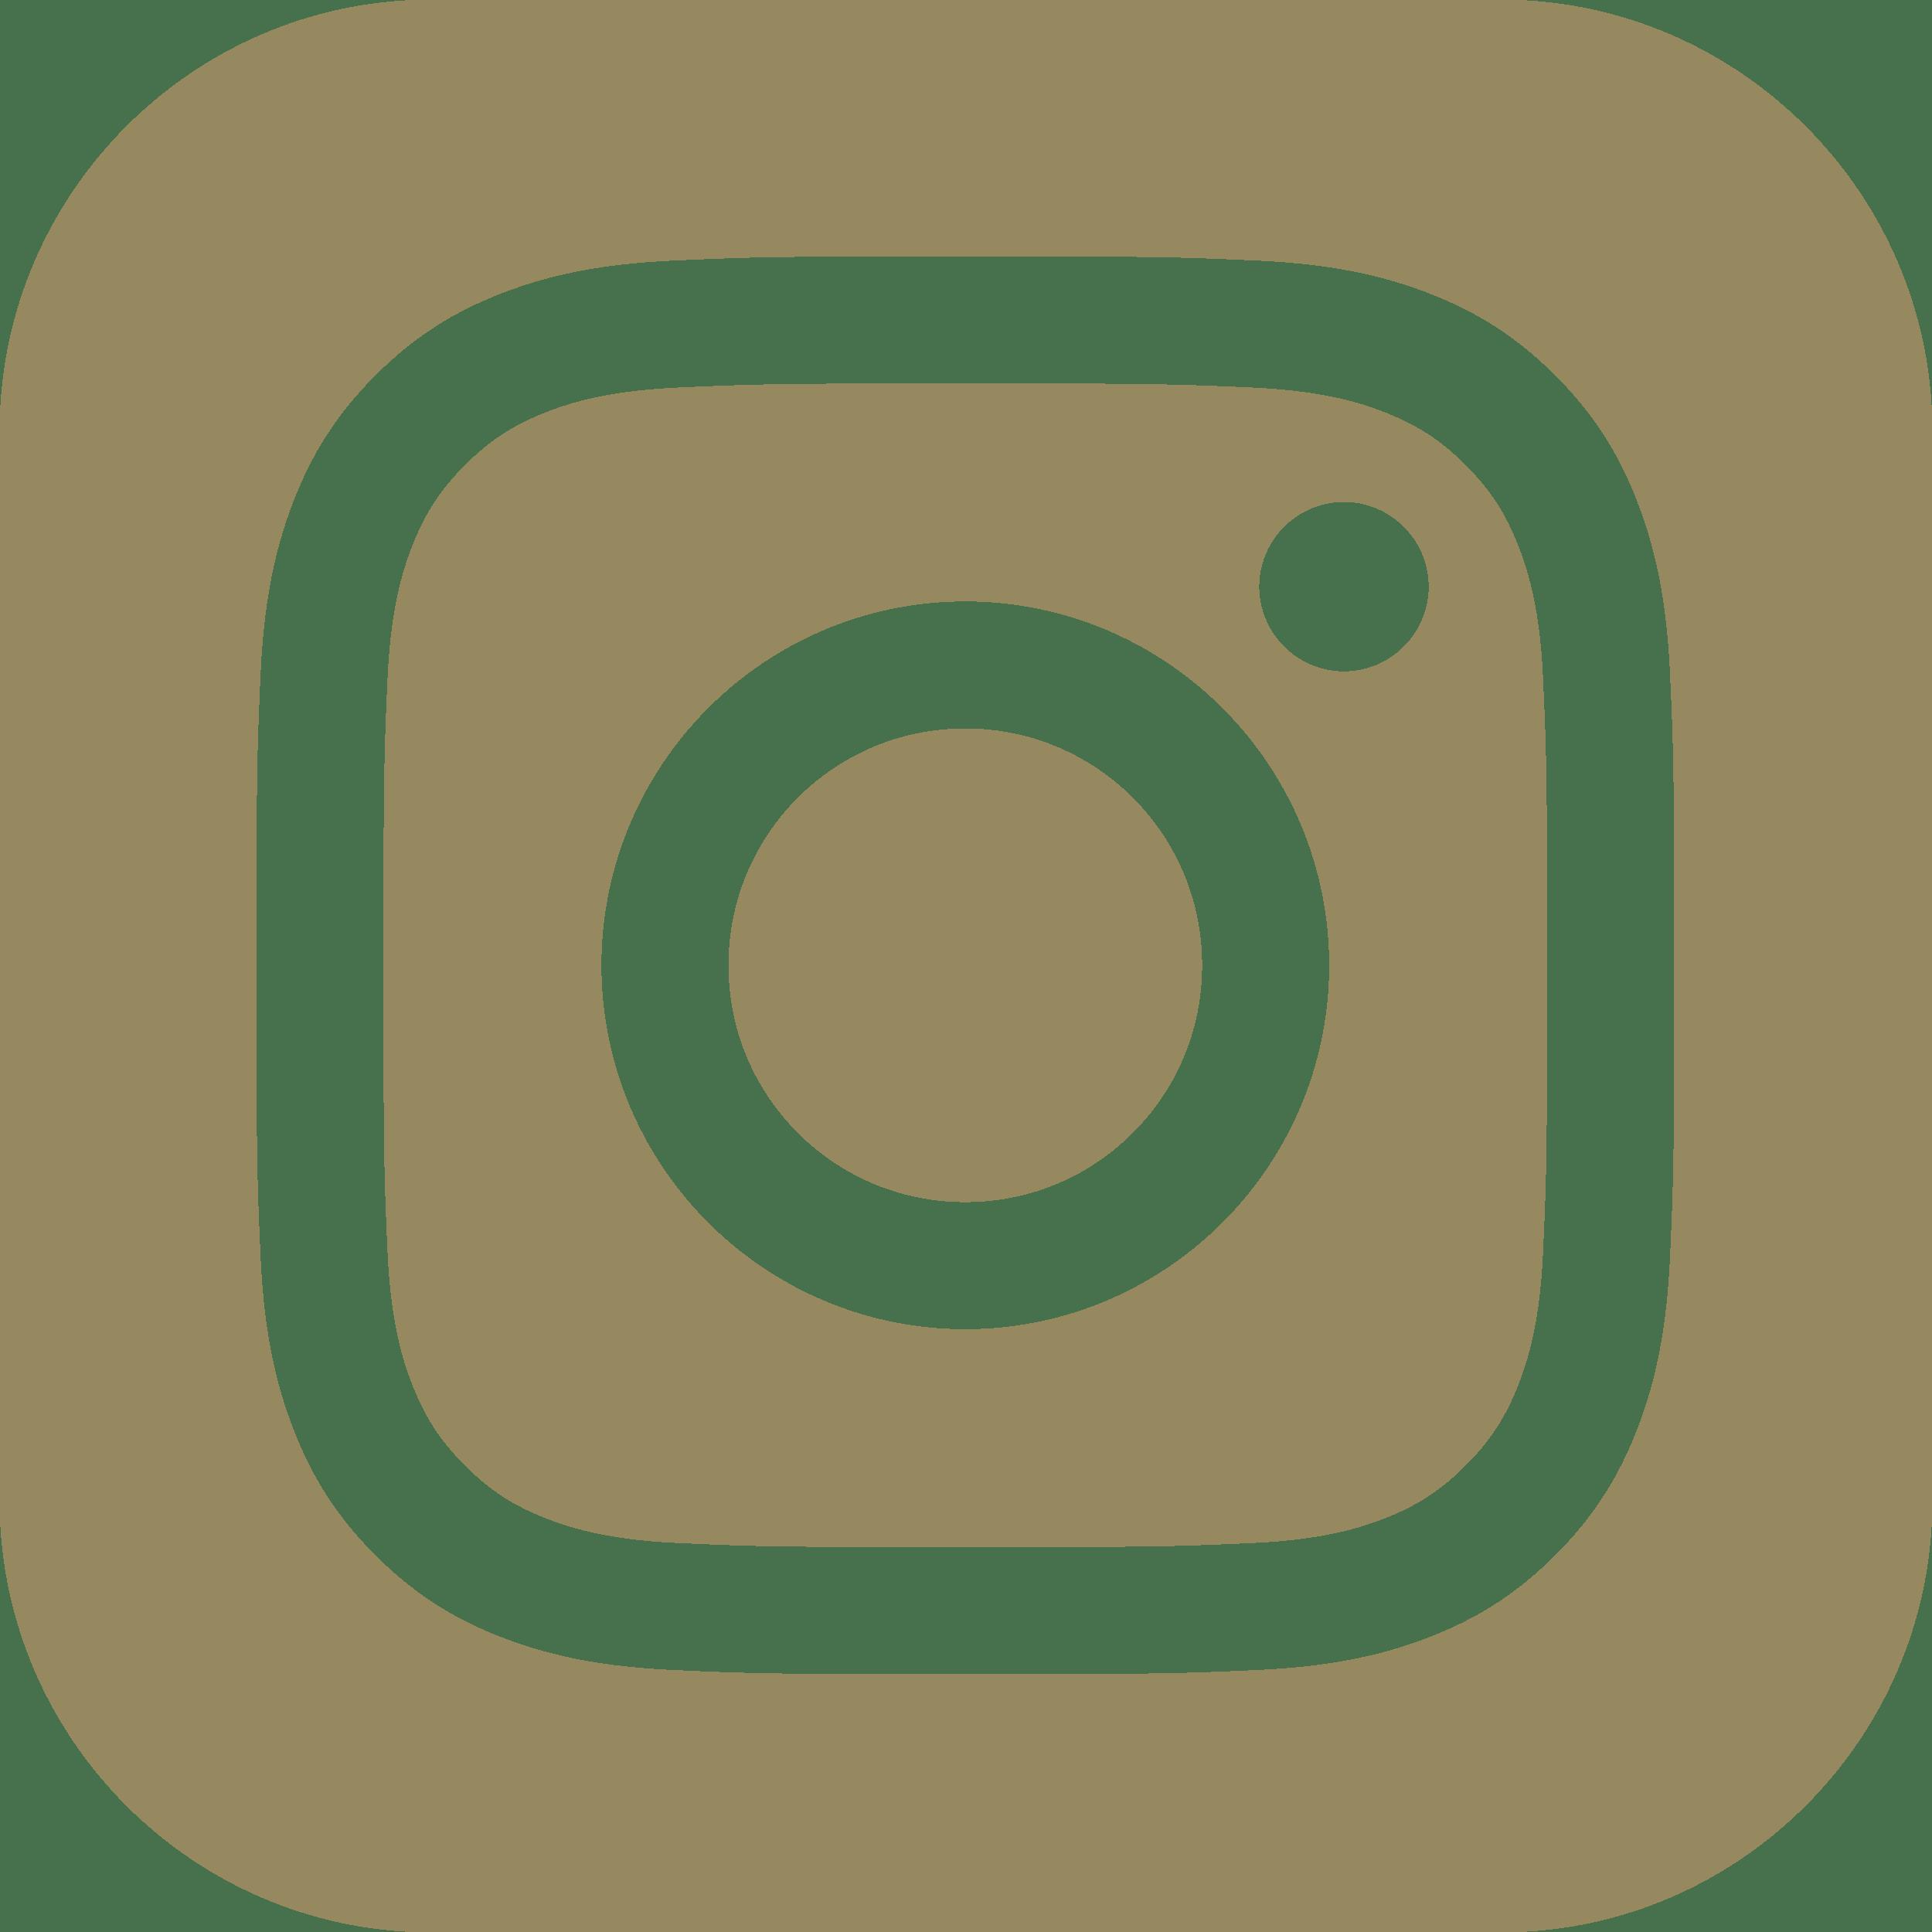 Icone instagram d_Plan de travail 1